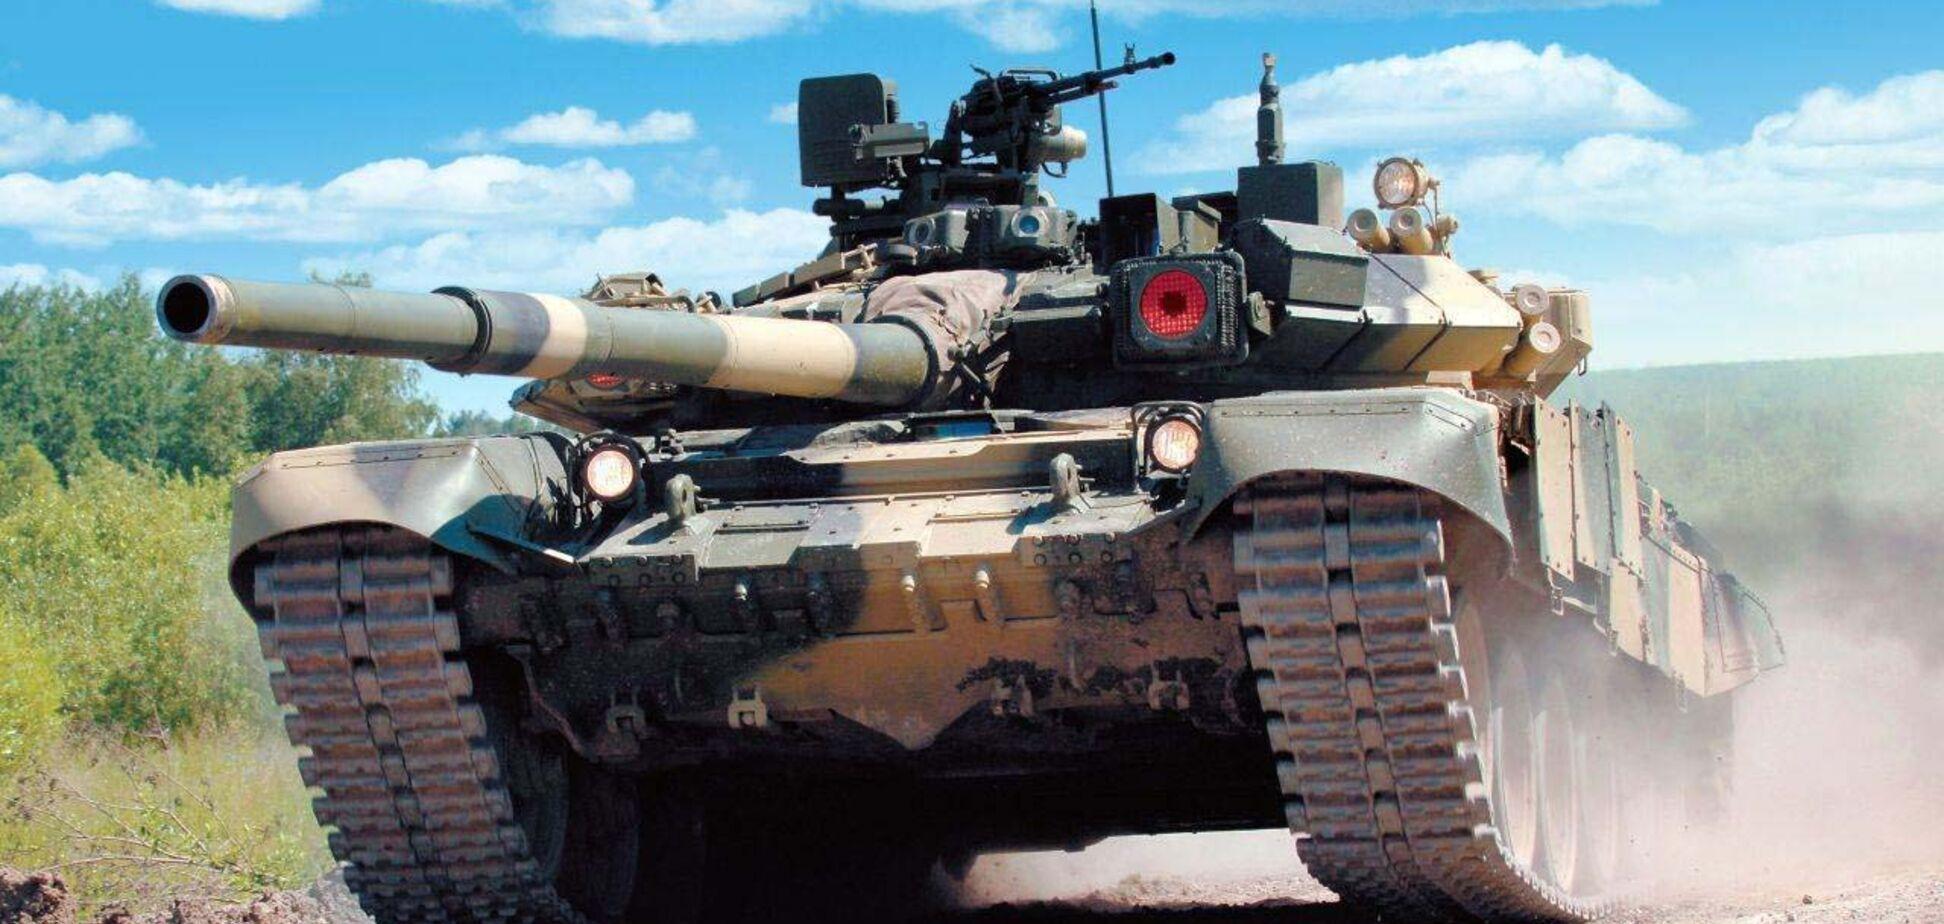 'Бомбануть один танчик': в Украине заявили, что могут 'убивать' российские Т-90А